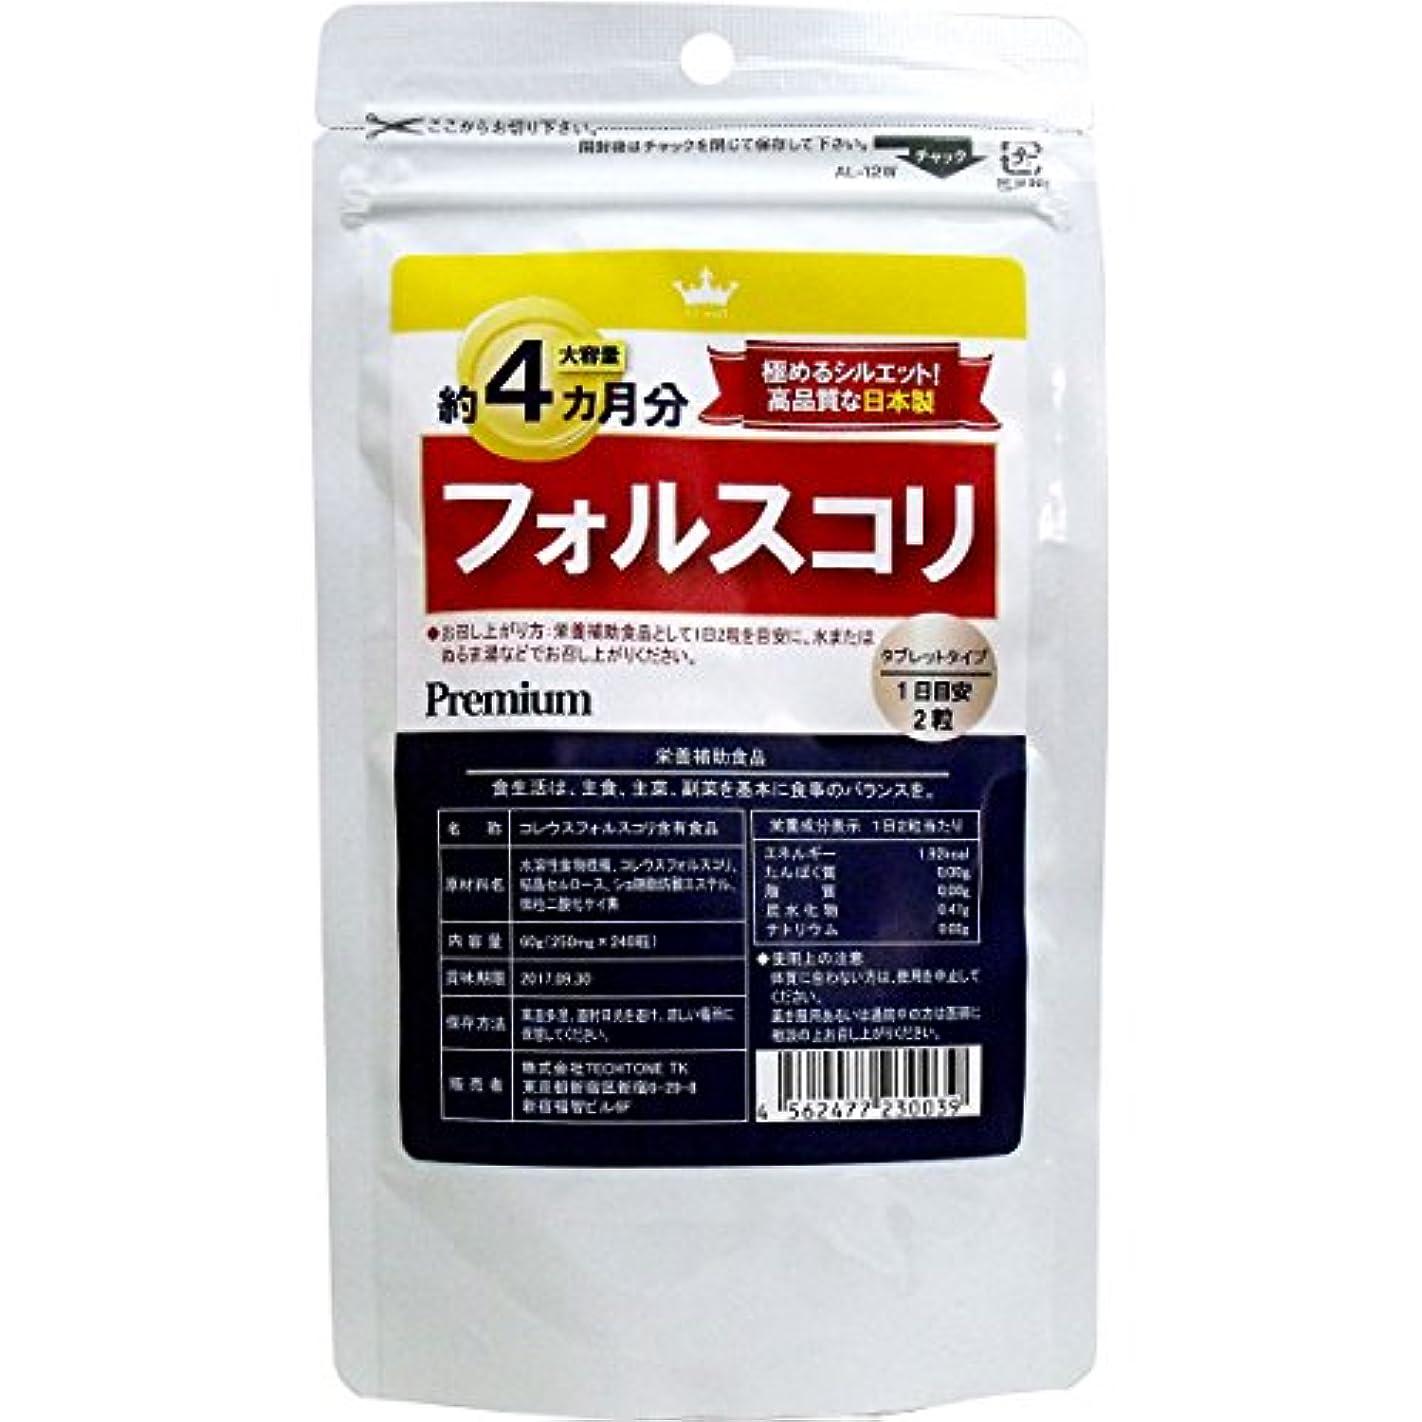 変更可能メッシュチキンサプリメント 高品質な日本製 健康食品 フォルスコリ 約4カ月分 240粒入【3個セット】